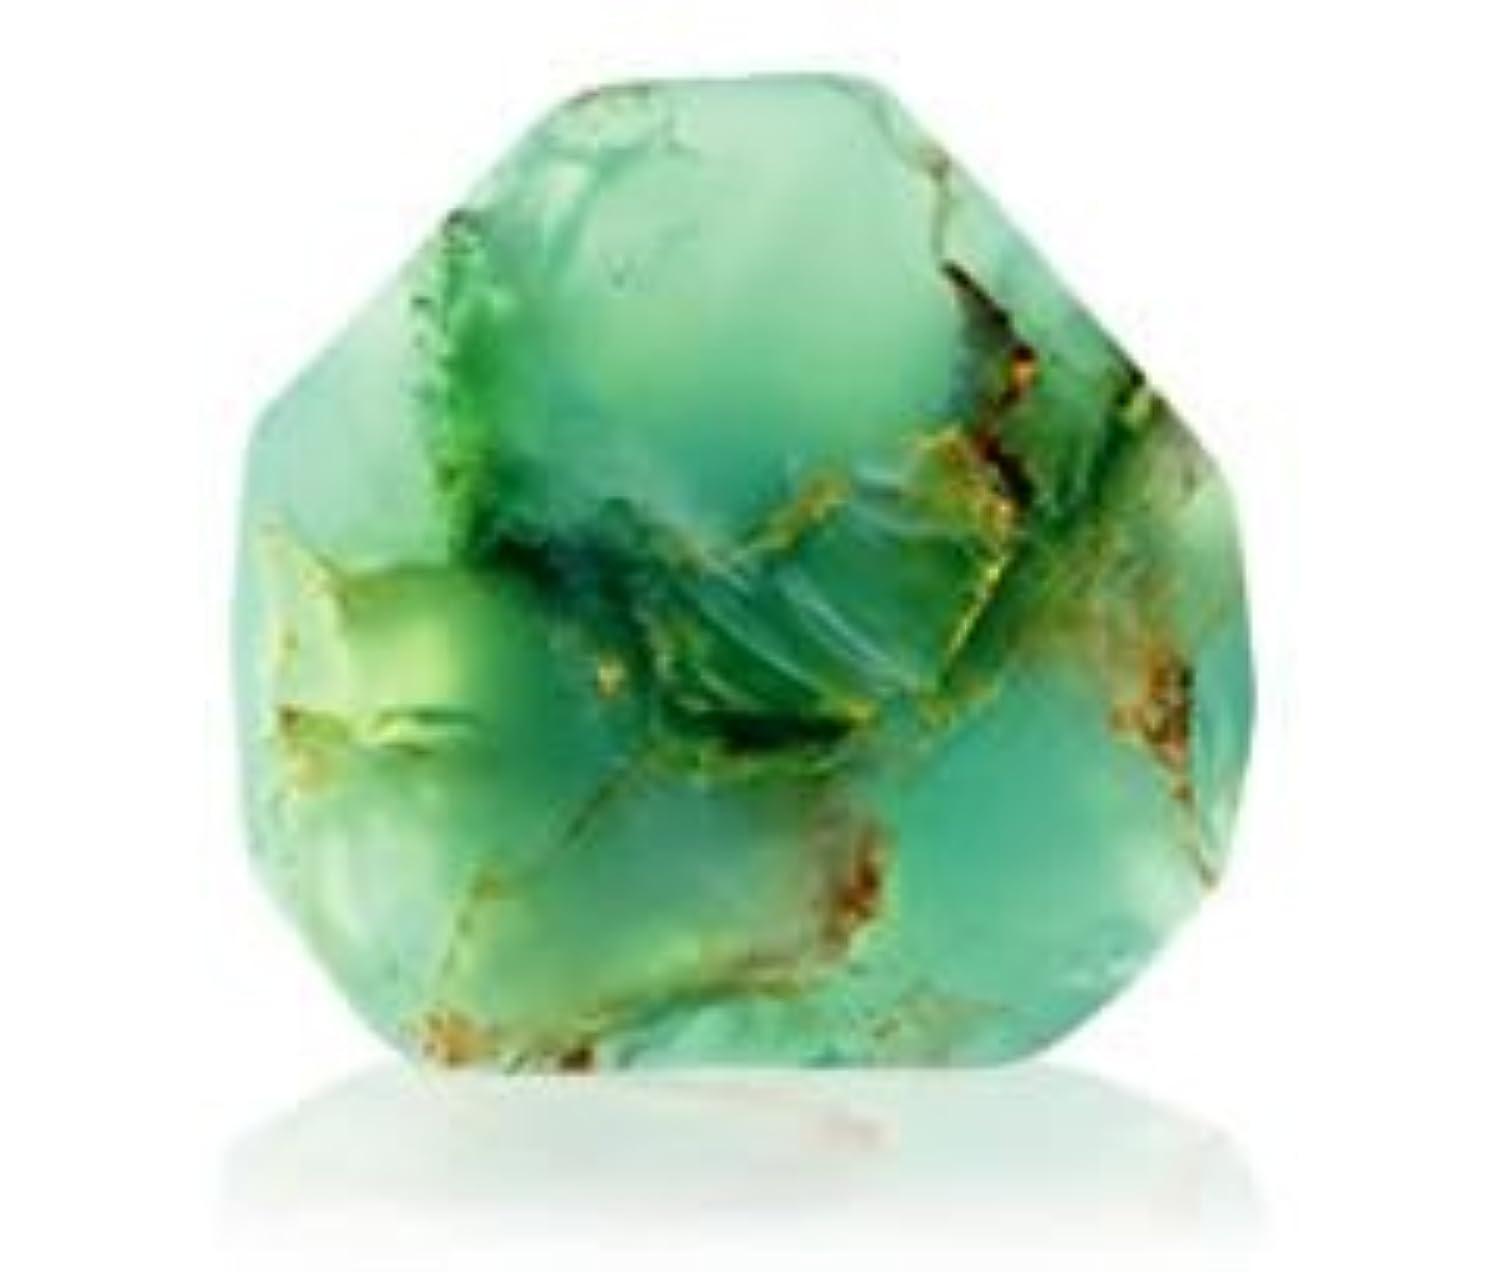 似ている応援するミスペンドSavons Gemme サボンジェム 世界で一番美しい宝石石鹸 フレグランスソープ ジェイド 170g